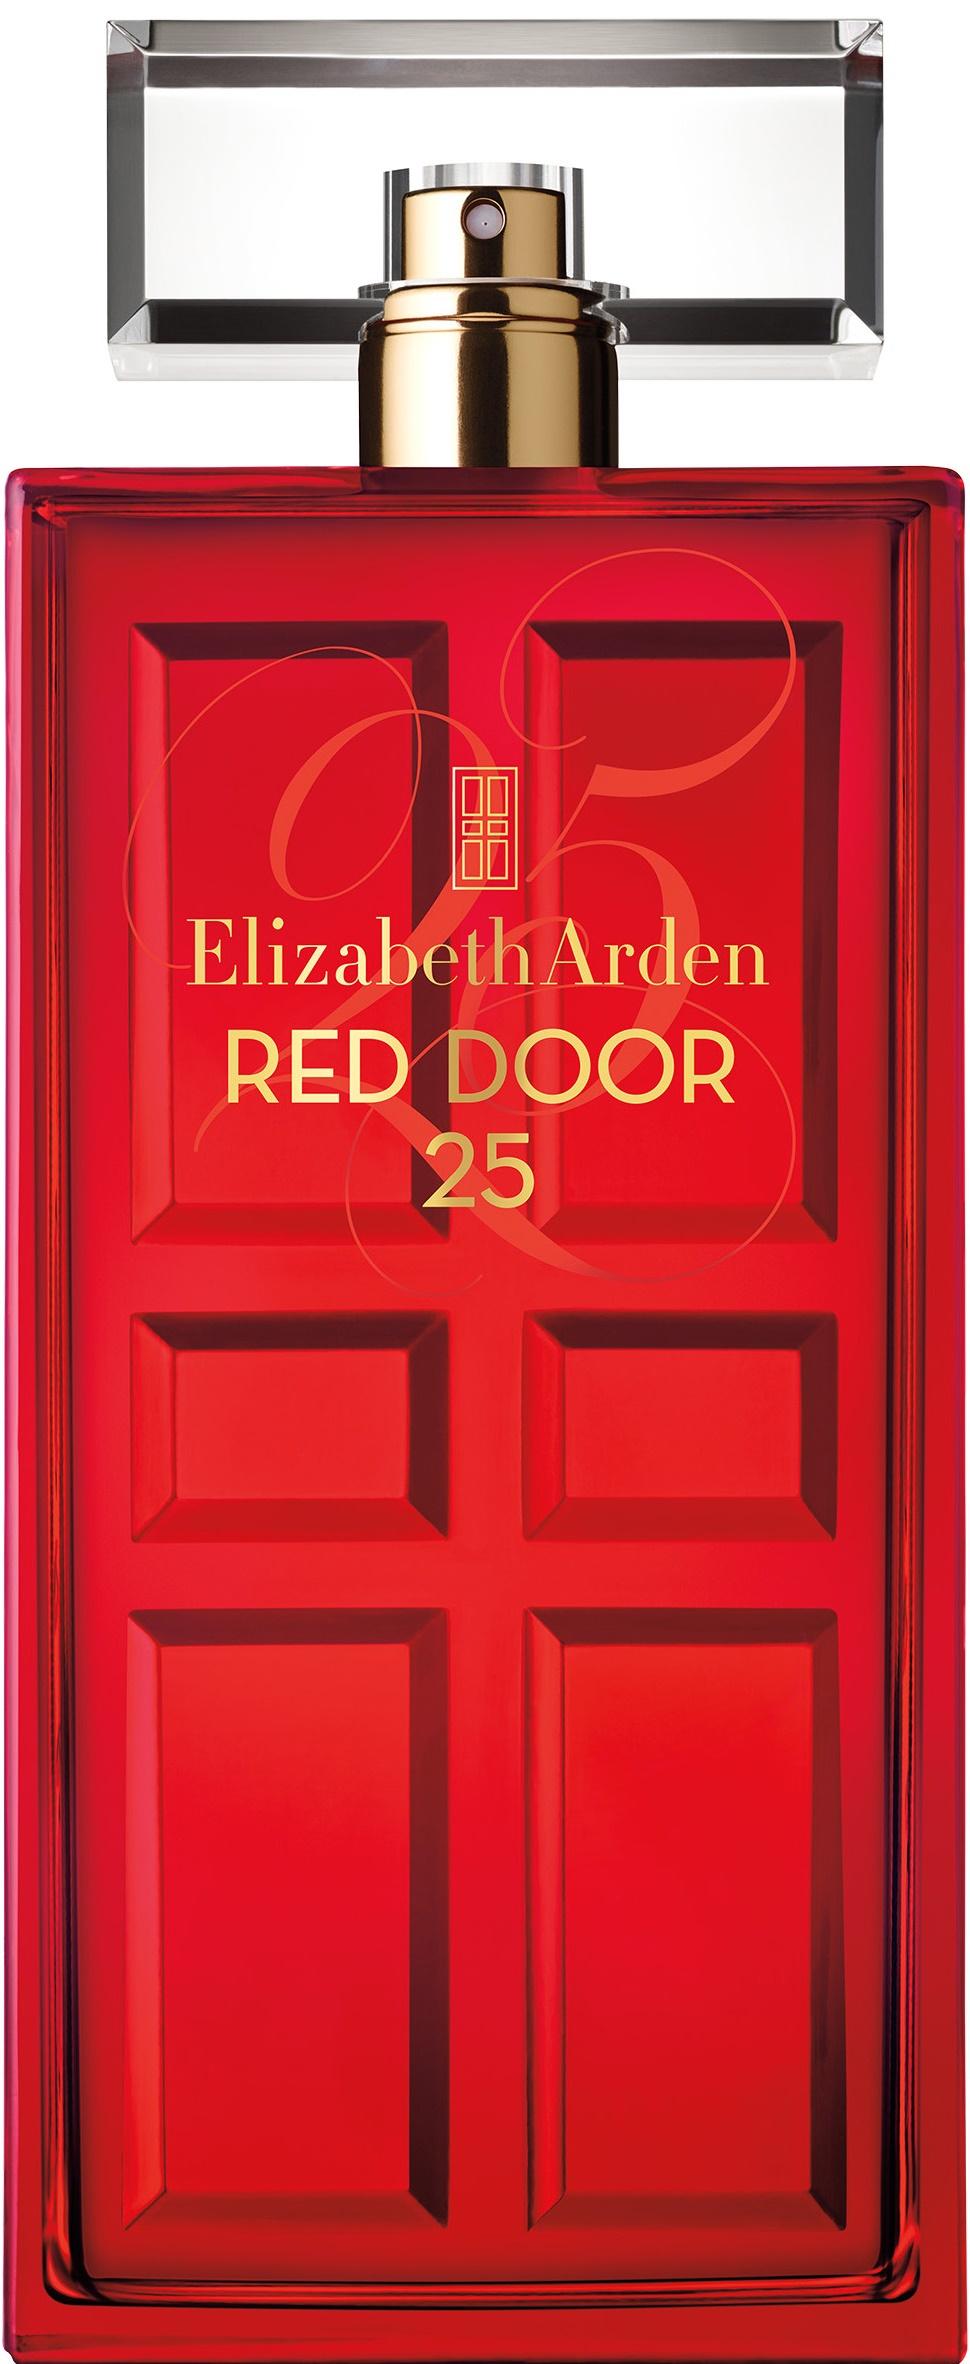 Elizabeth Arden Red Door 25 парфюмированная вода 100мл (Элизабет Арден Красная Дверь 25)